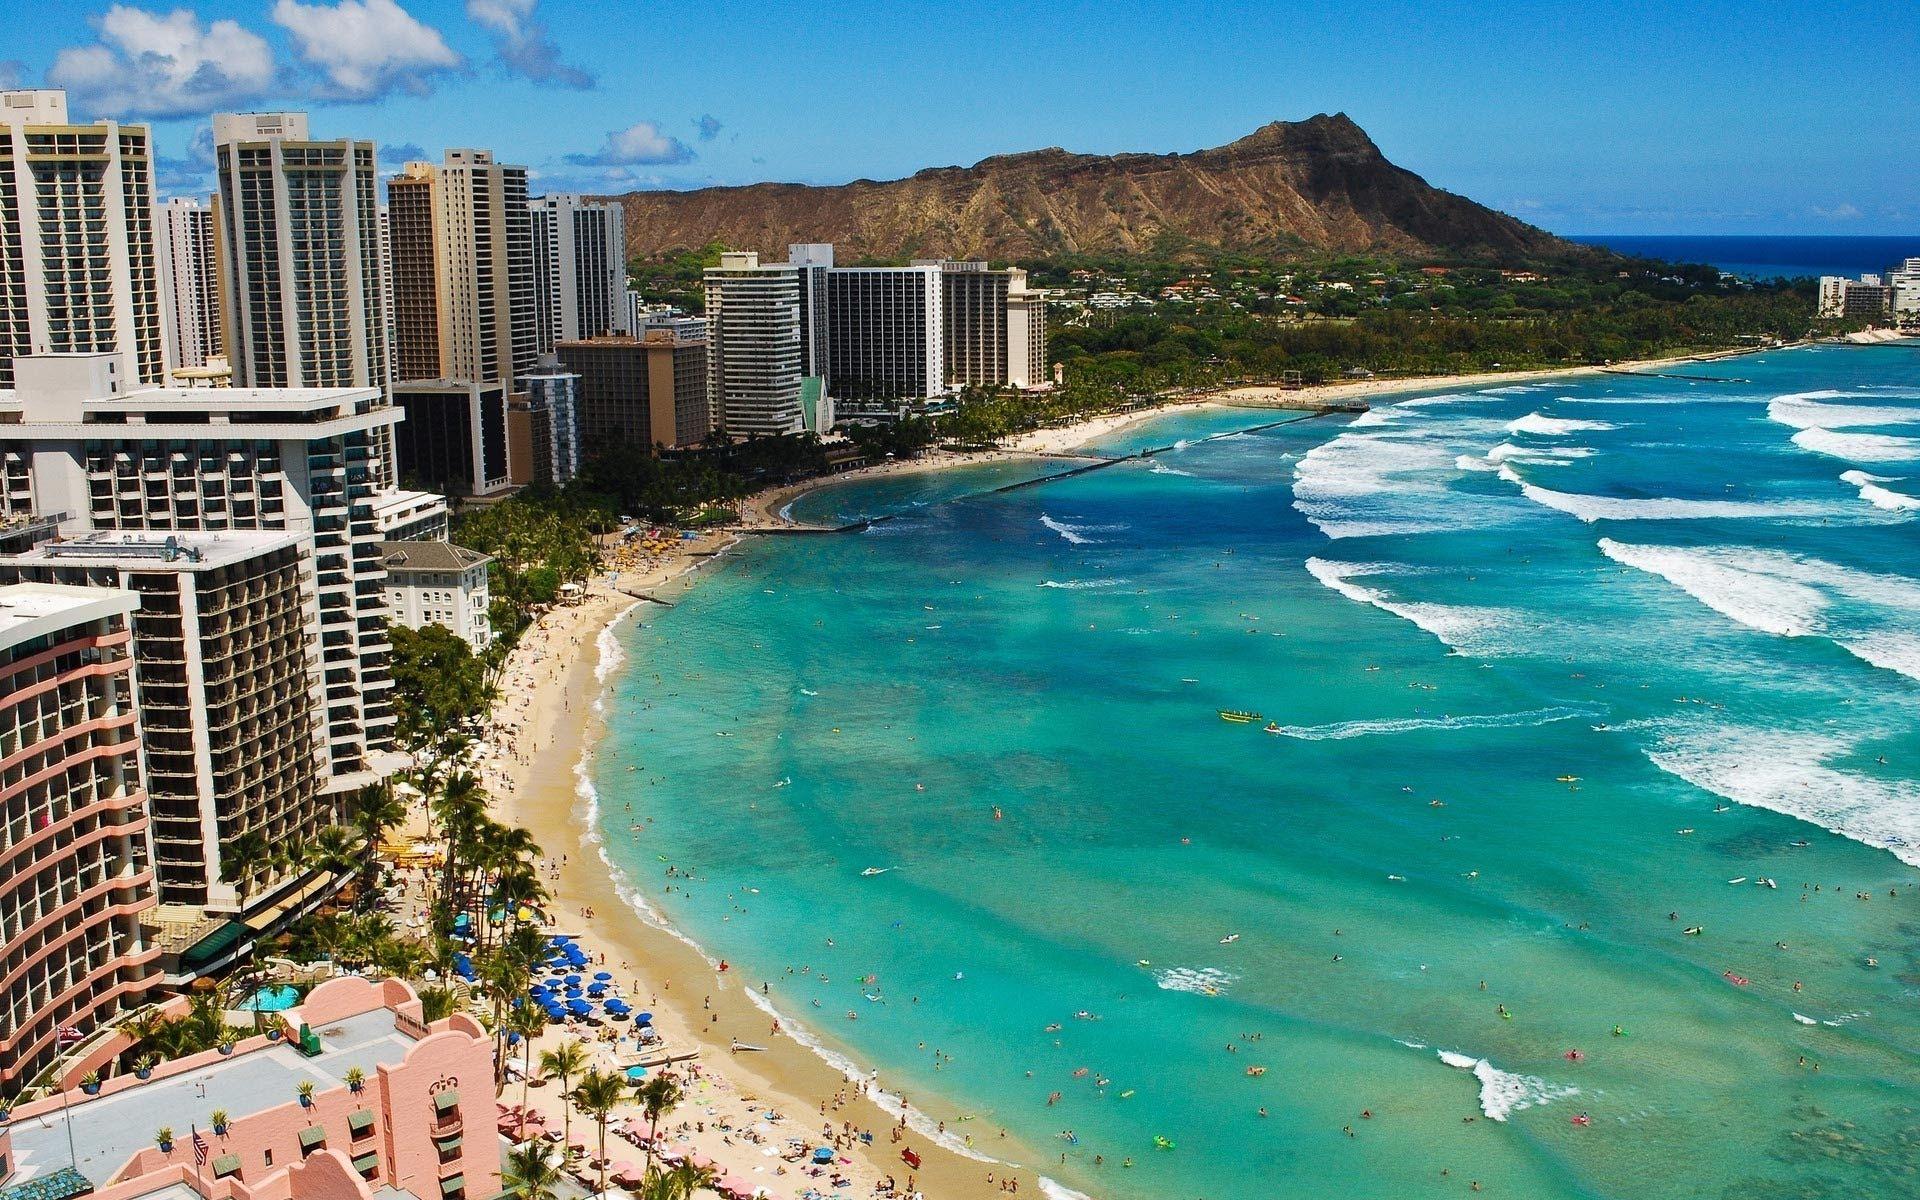 hawaii02-1614357331.jpg